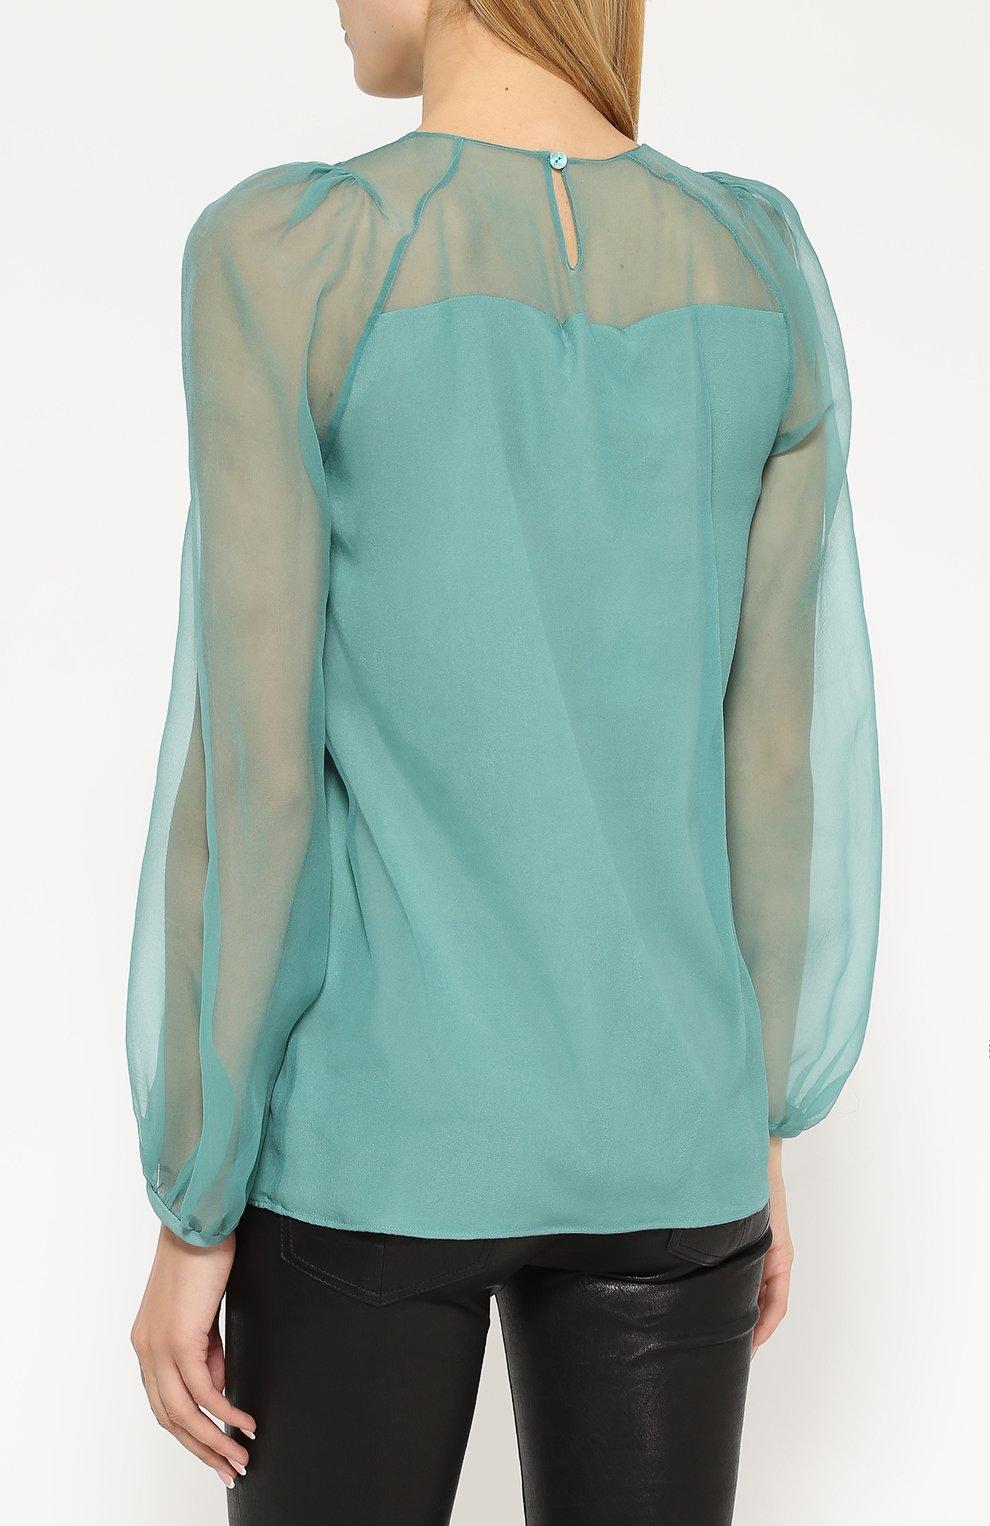 d8dedc3b13c Женская зеленая шелковая блуза с круглым вырезом и защипами ...